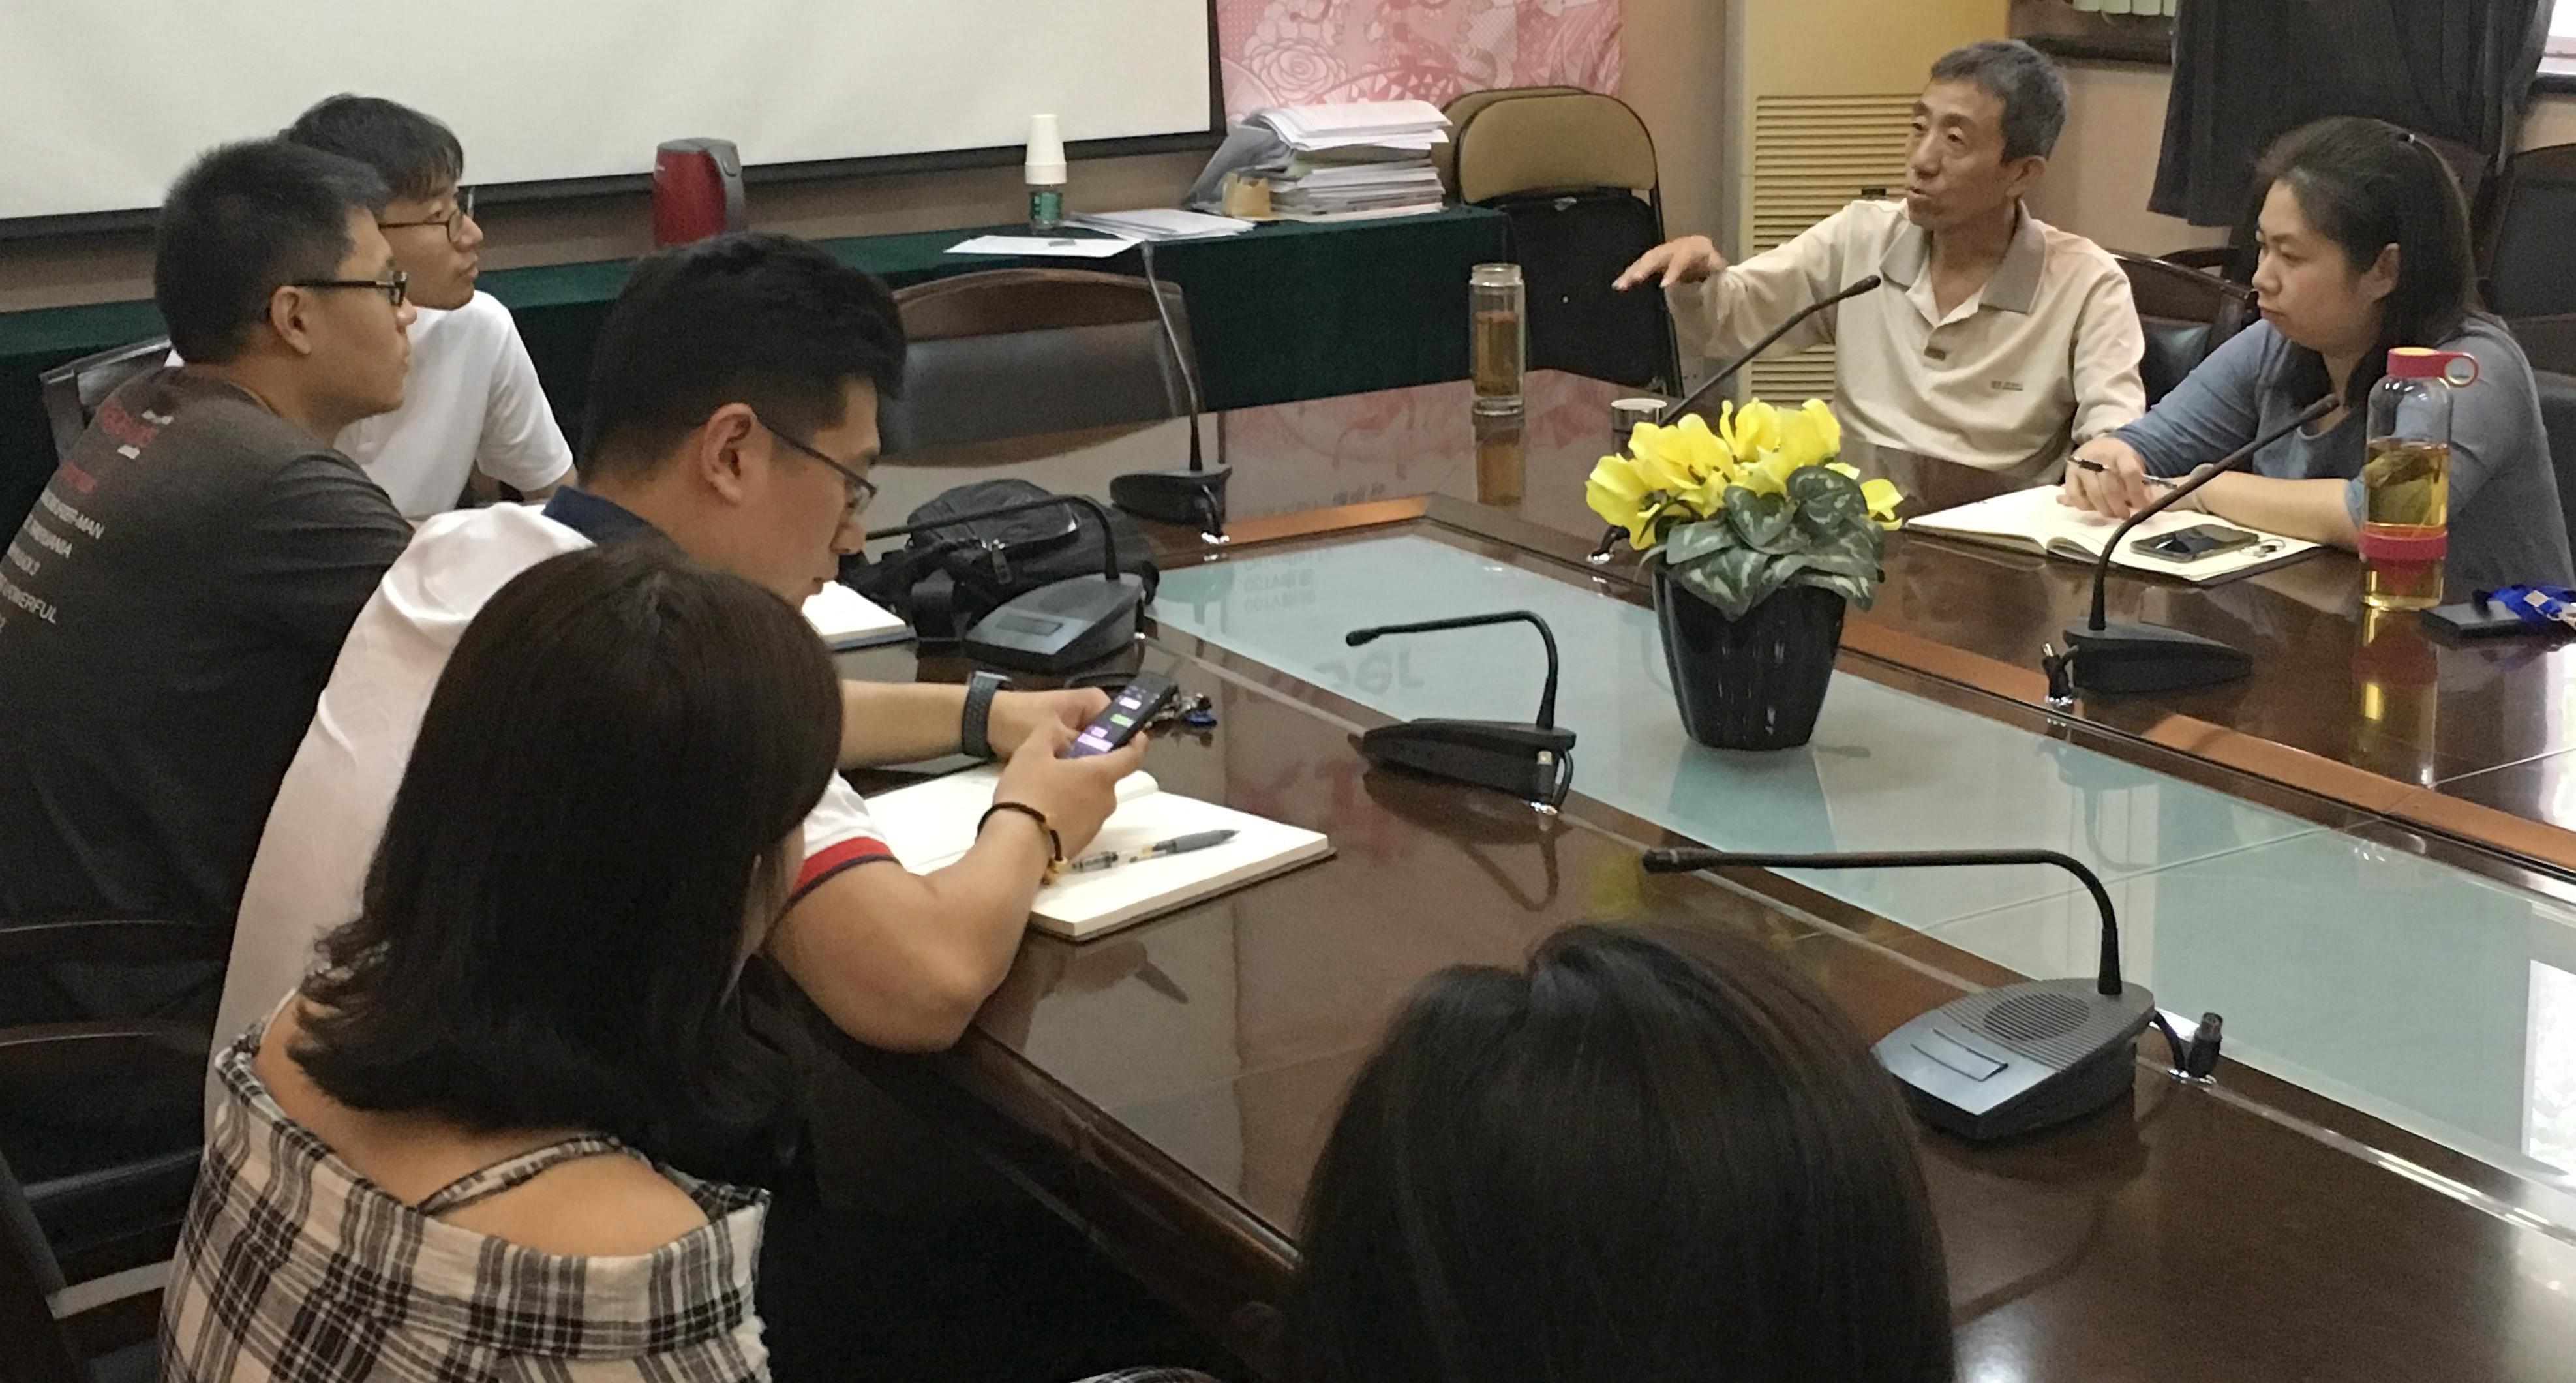 北京禁毒教育基地副主任曲晓光与中国传媒大学禁毒微艺术项目组师生交流禁毒艺术创作